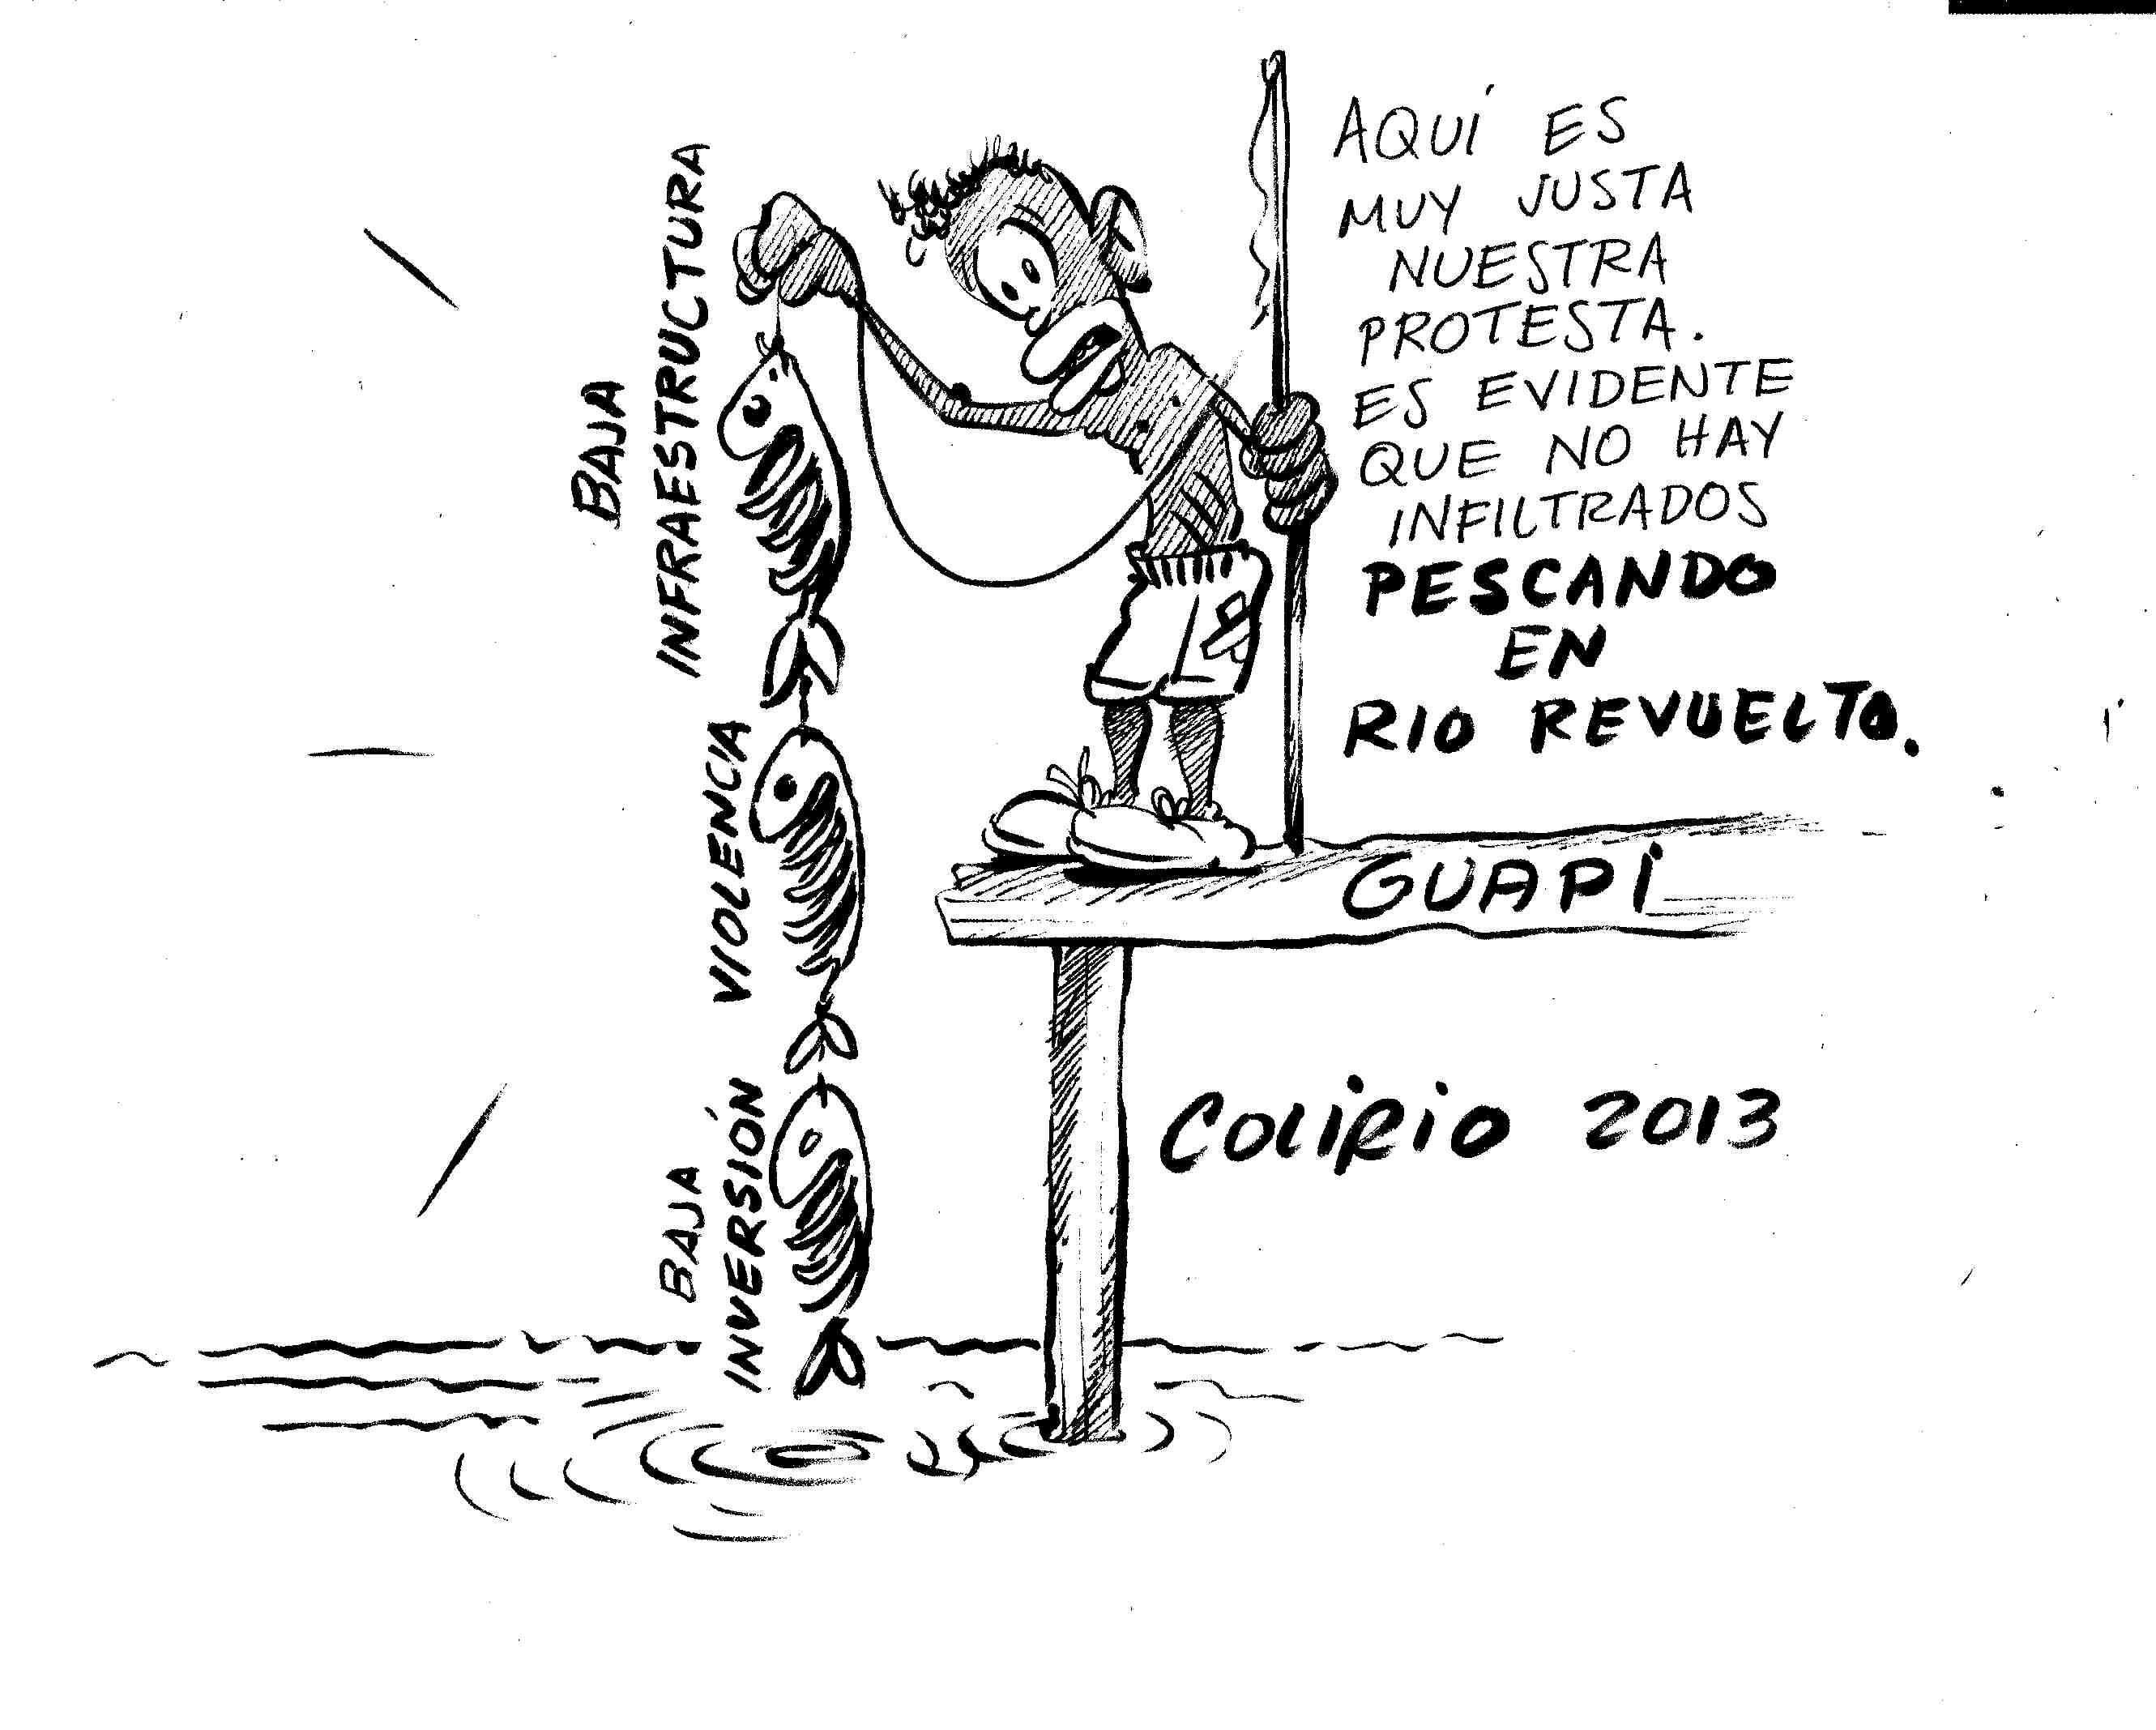 carica viernes 12 de julio de 2013